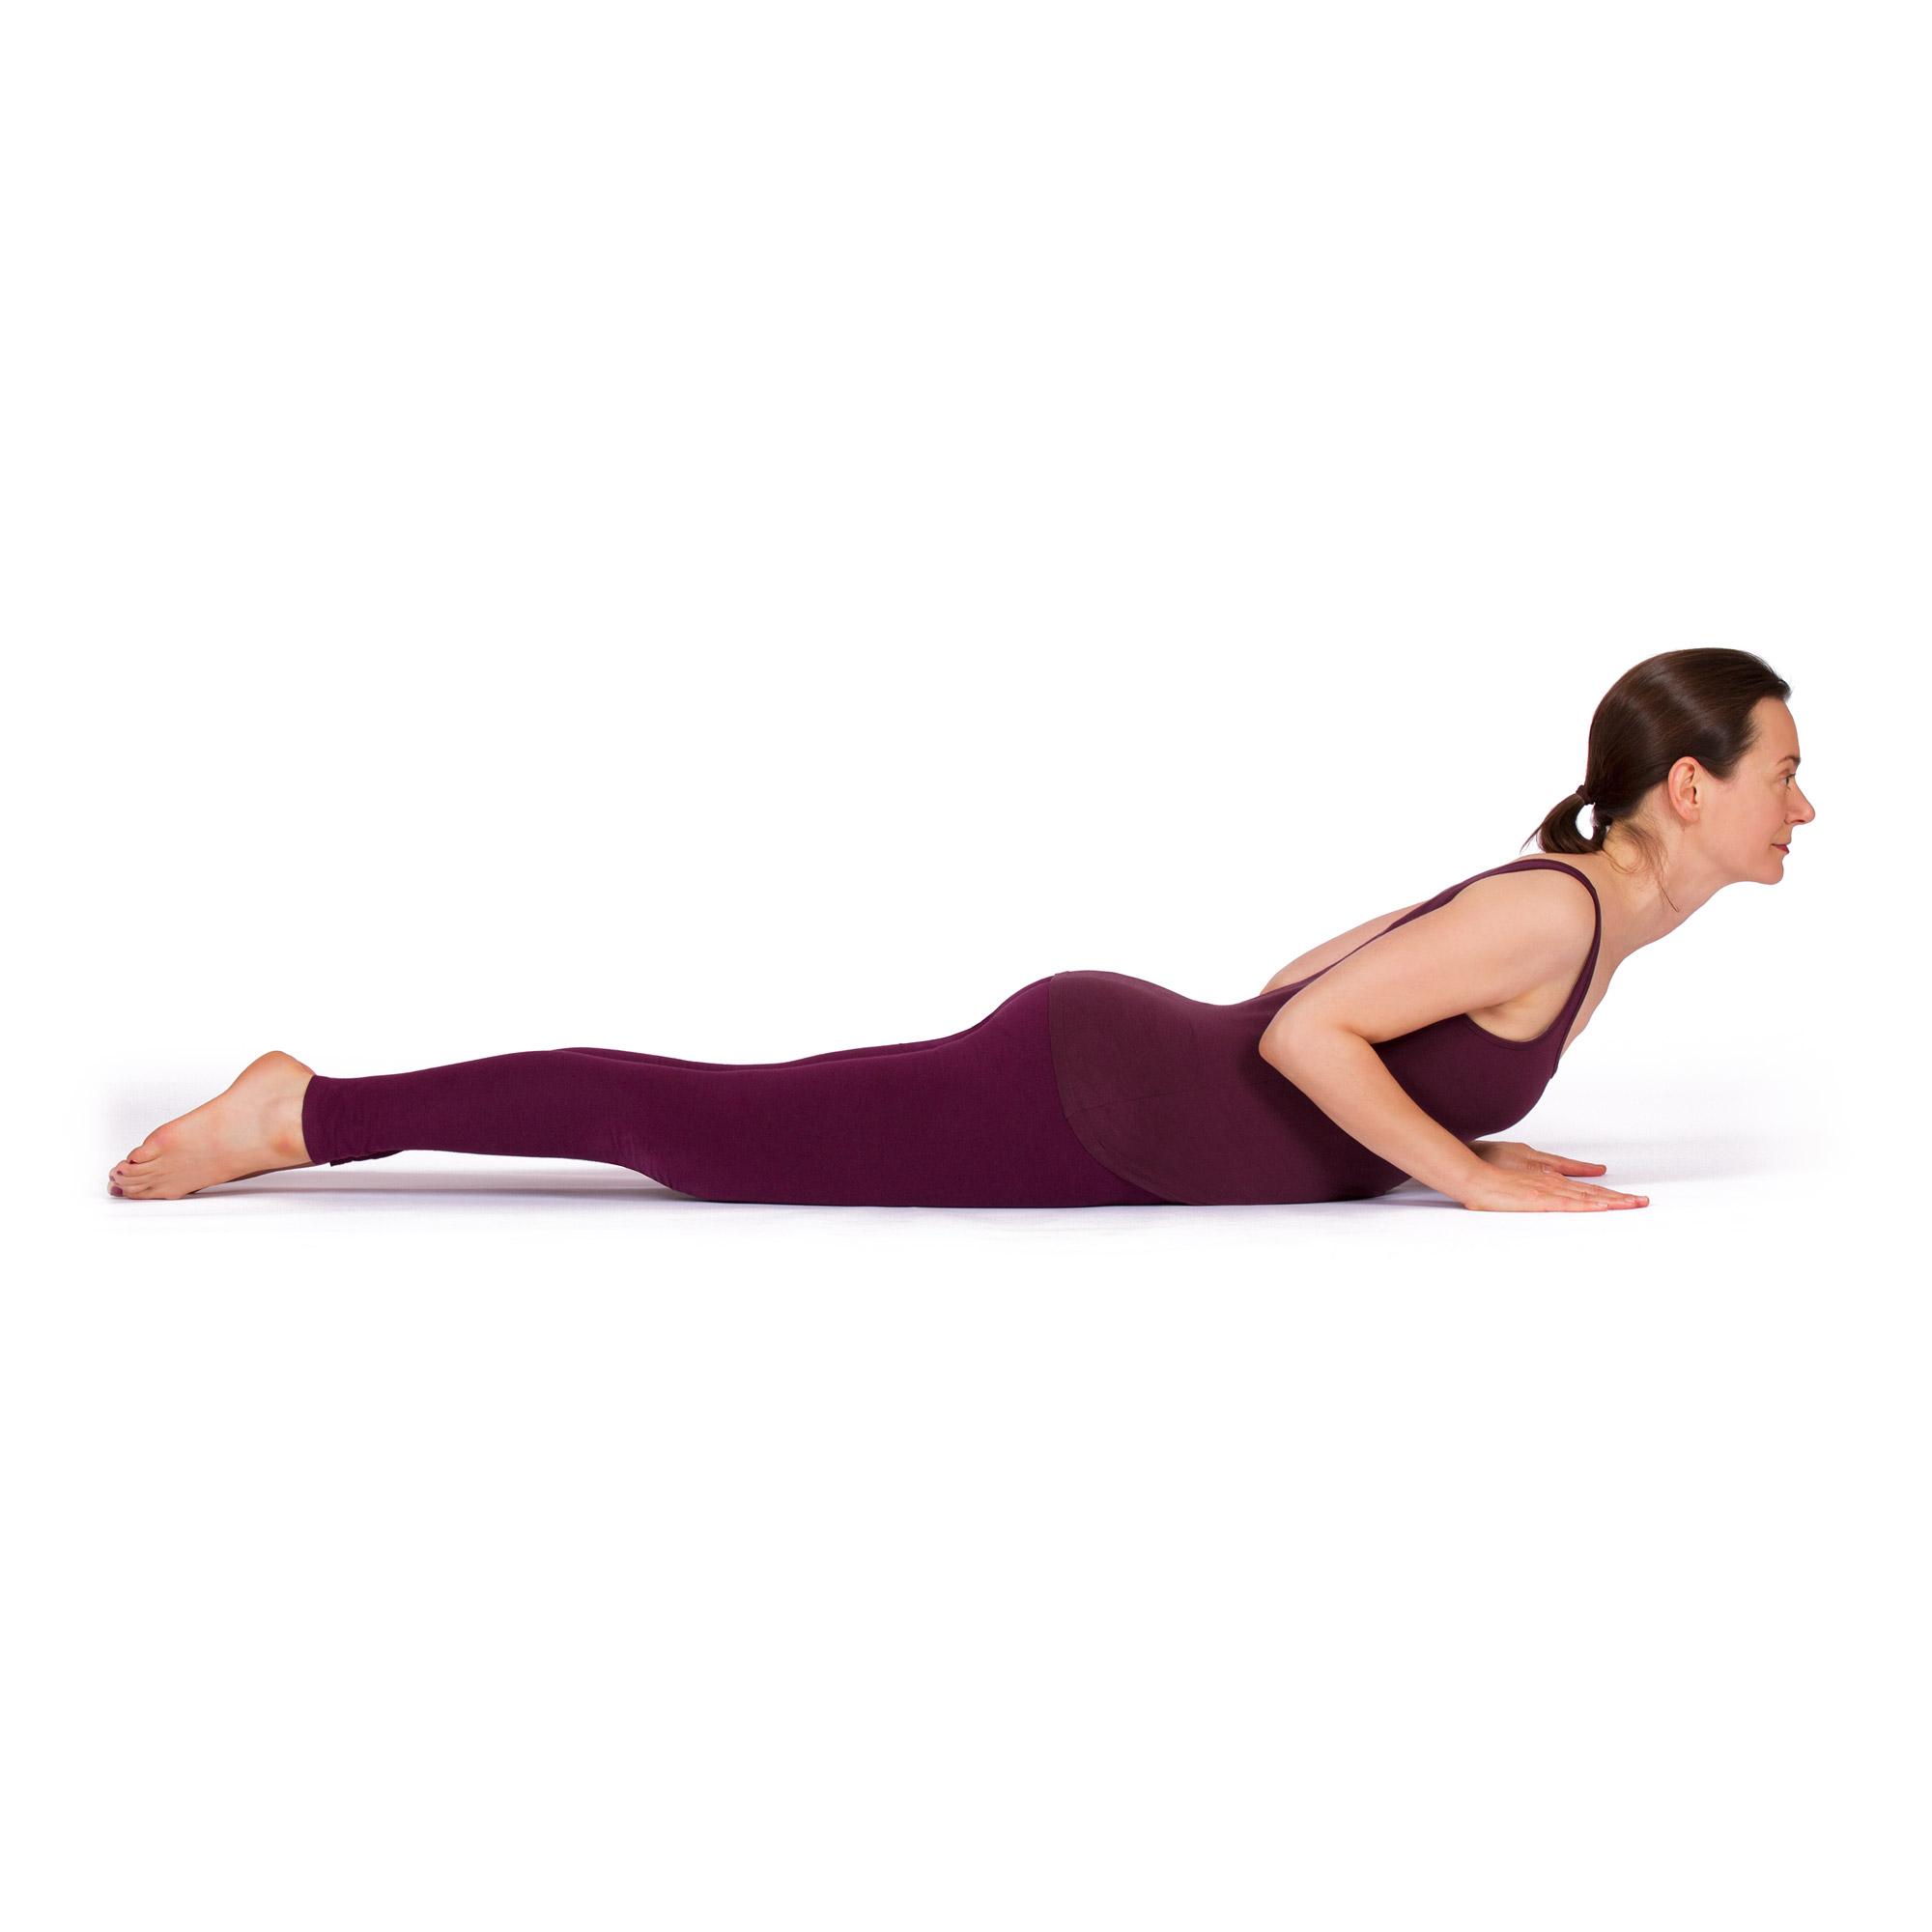 Yoga übung